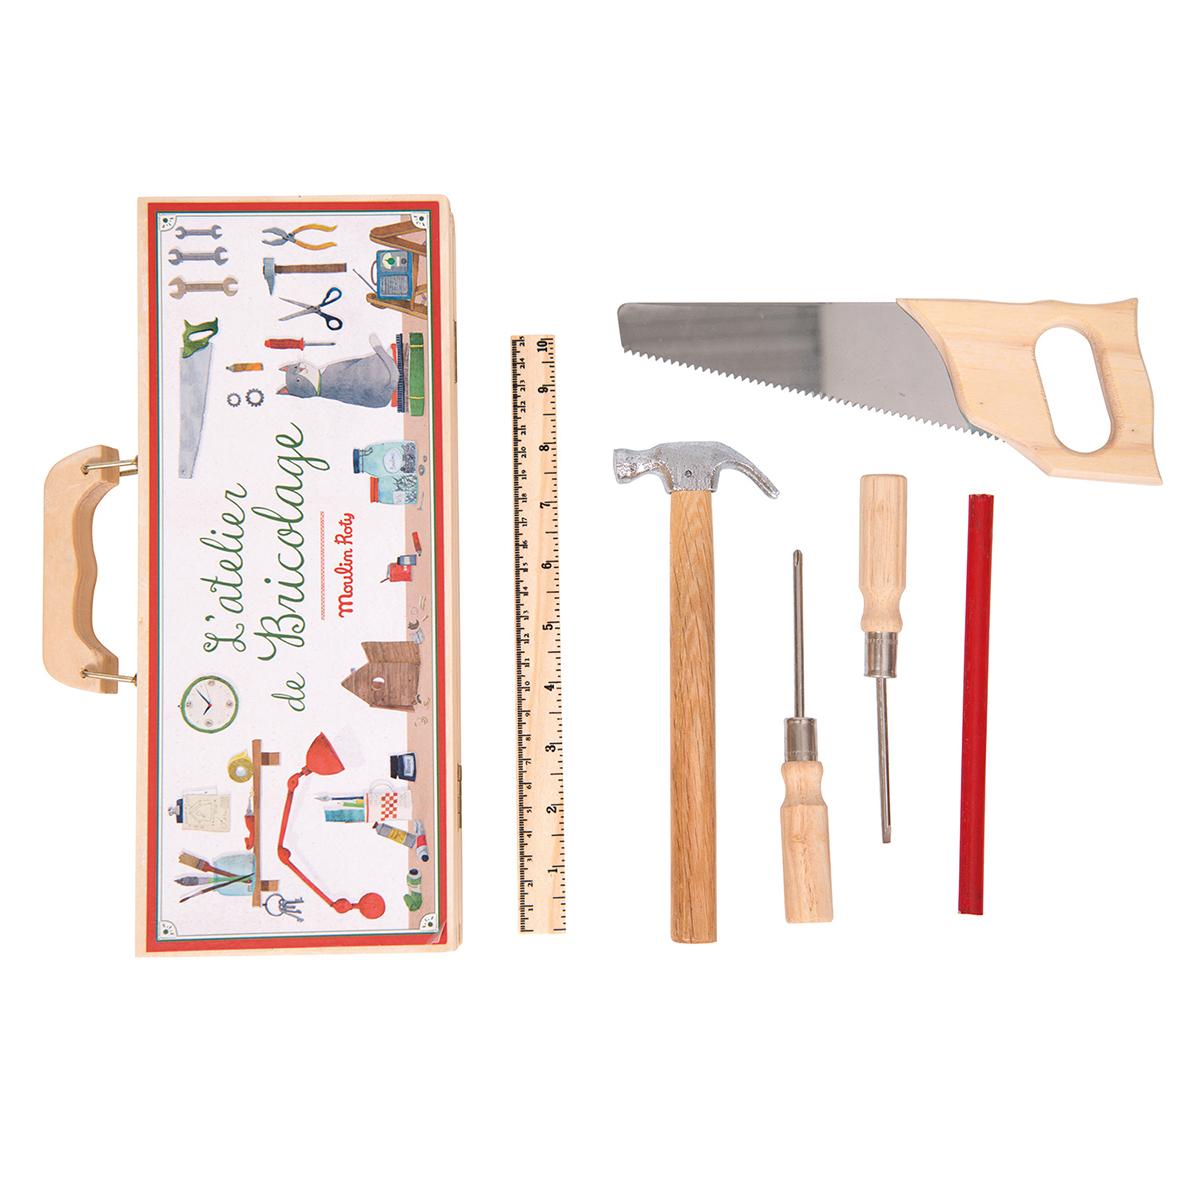 Mes premiers jouets Petite Valise de Bricolage - Les Jouets d'Hier Petite Valise de Bricolage - Les Jouets d'Hier